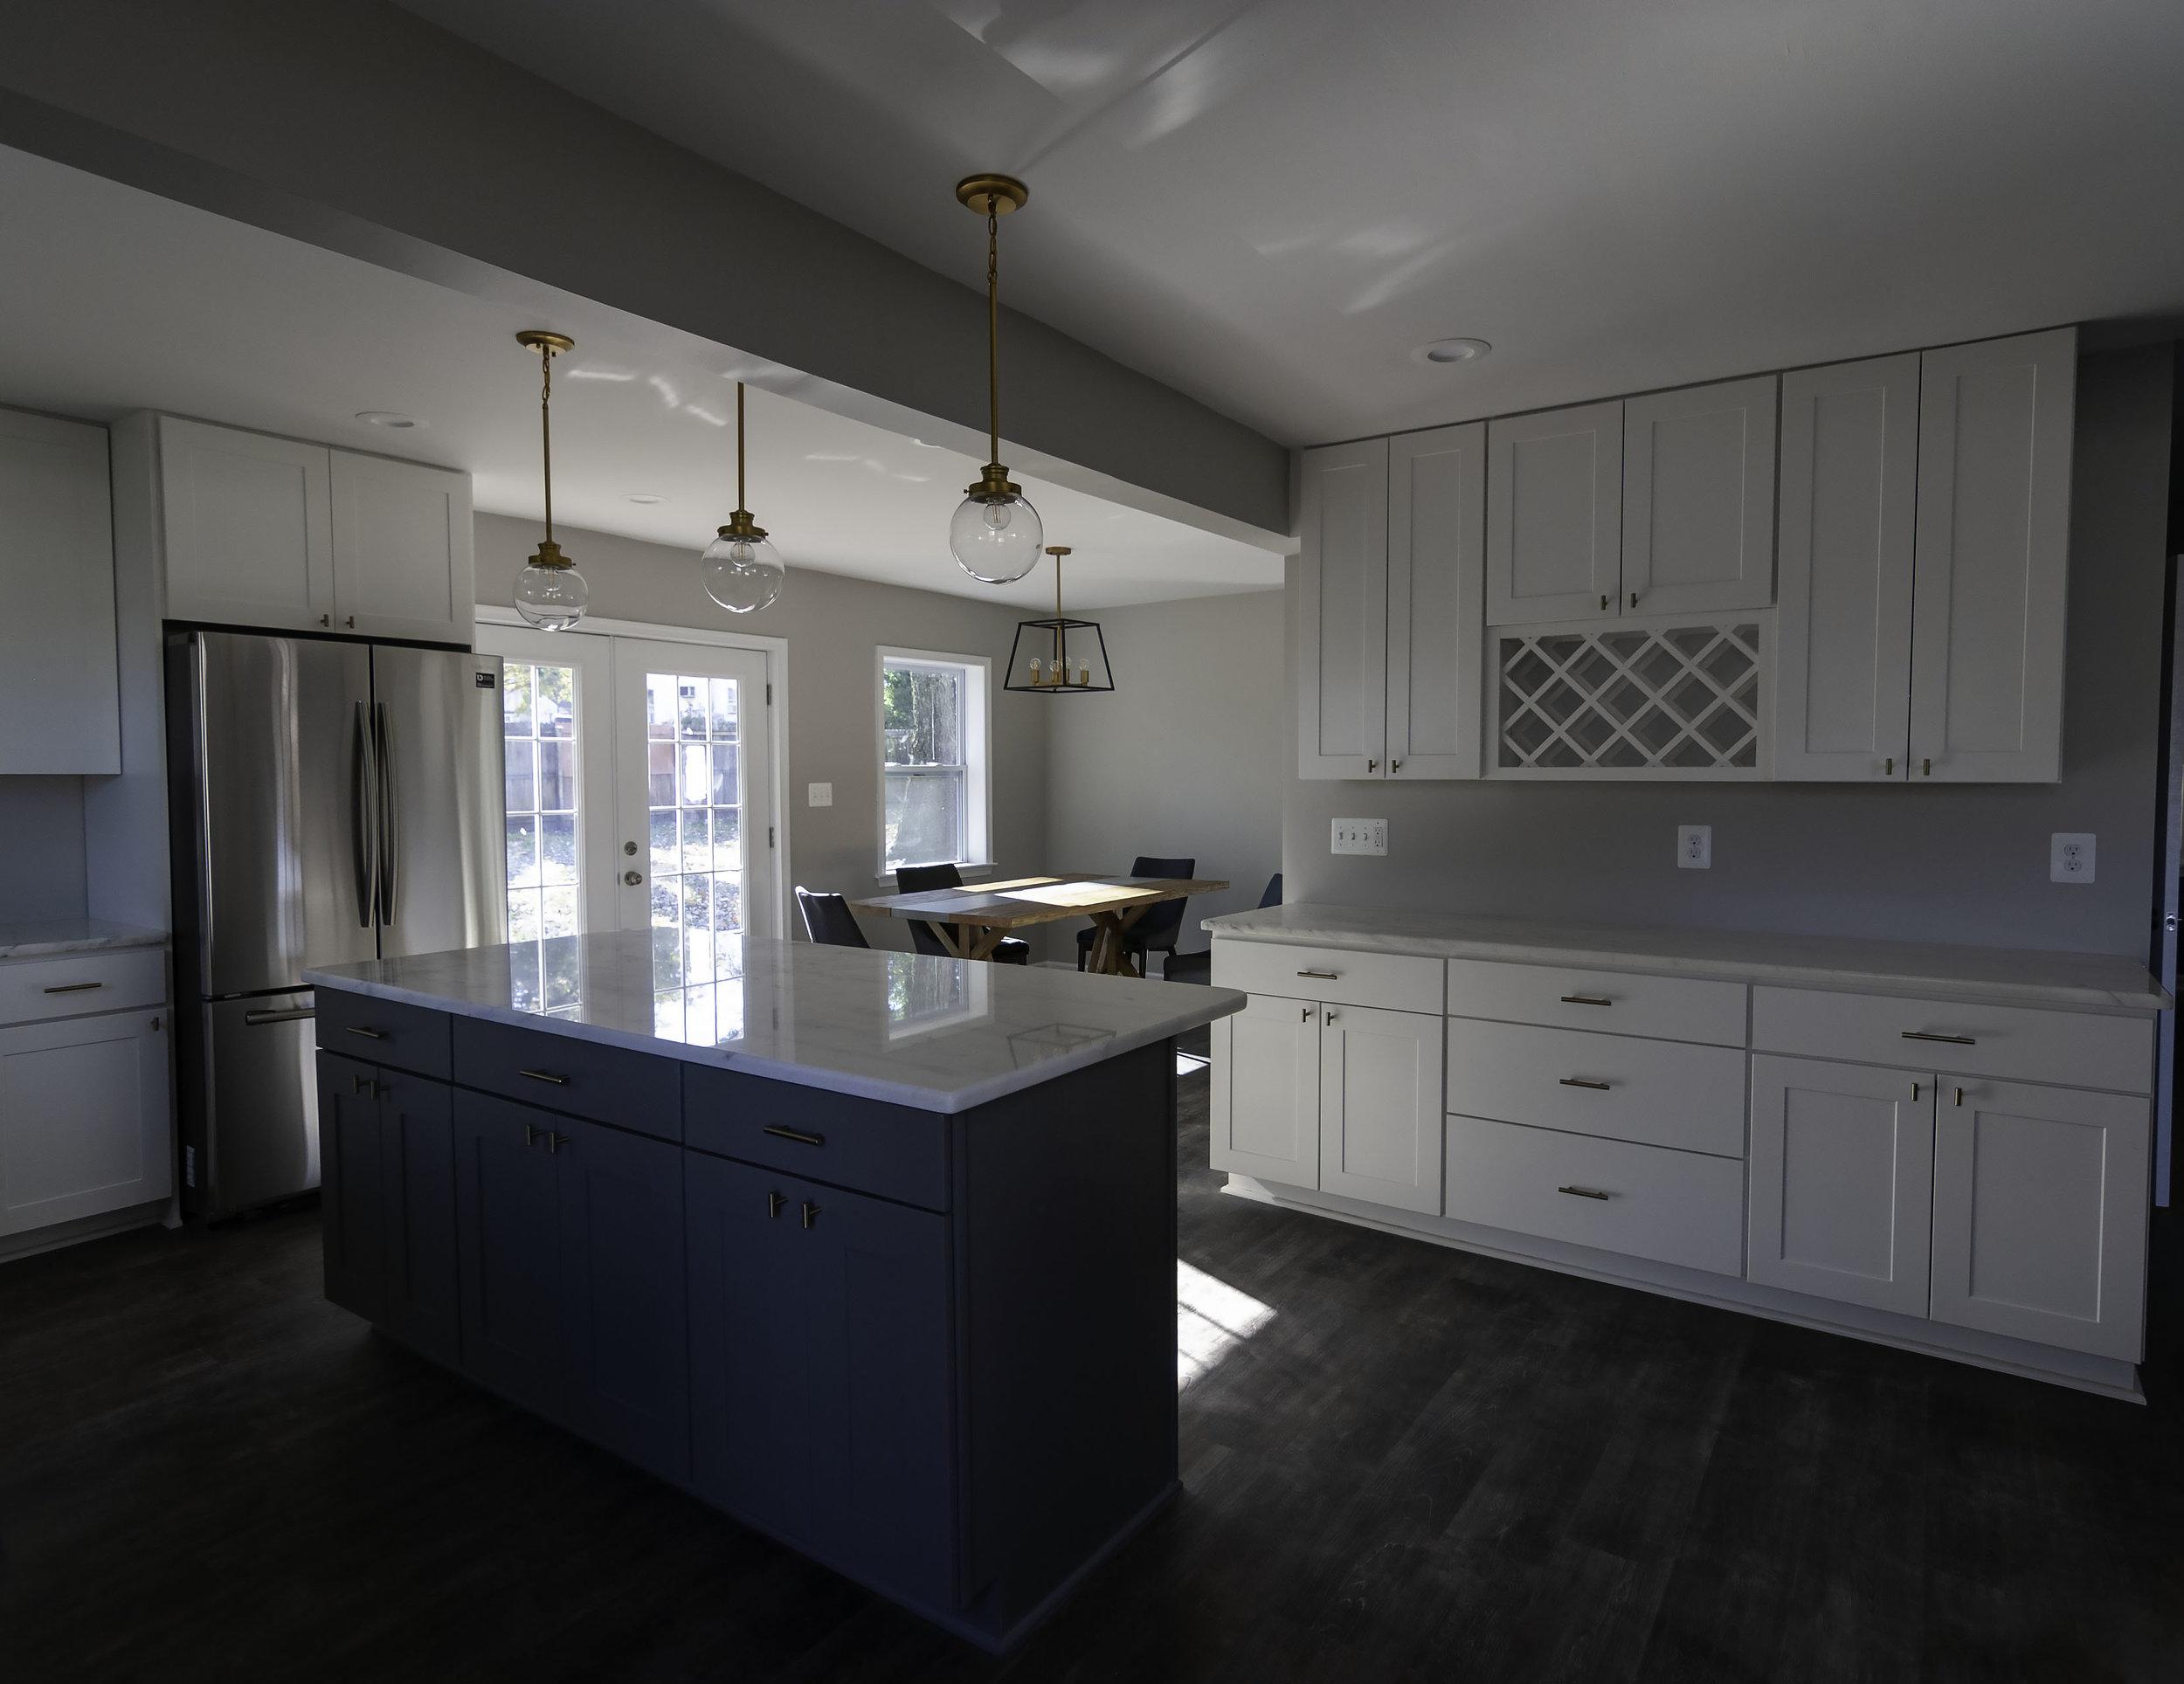 2913 Main kitchen wide right.jpg